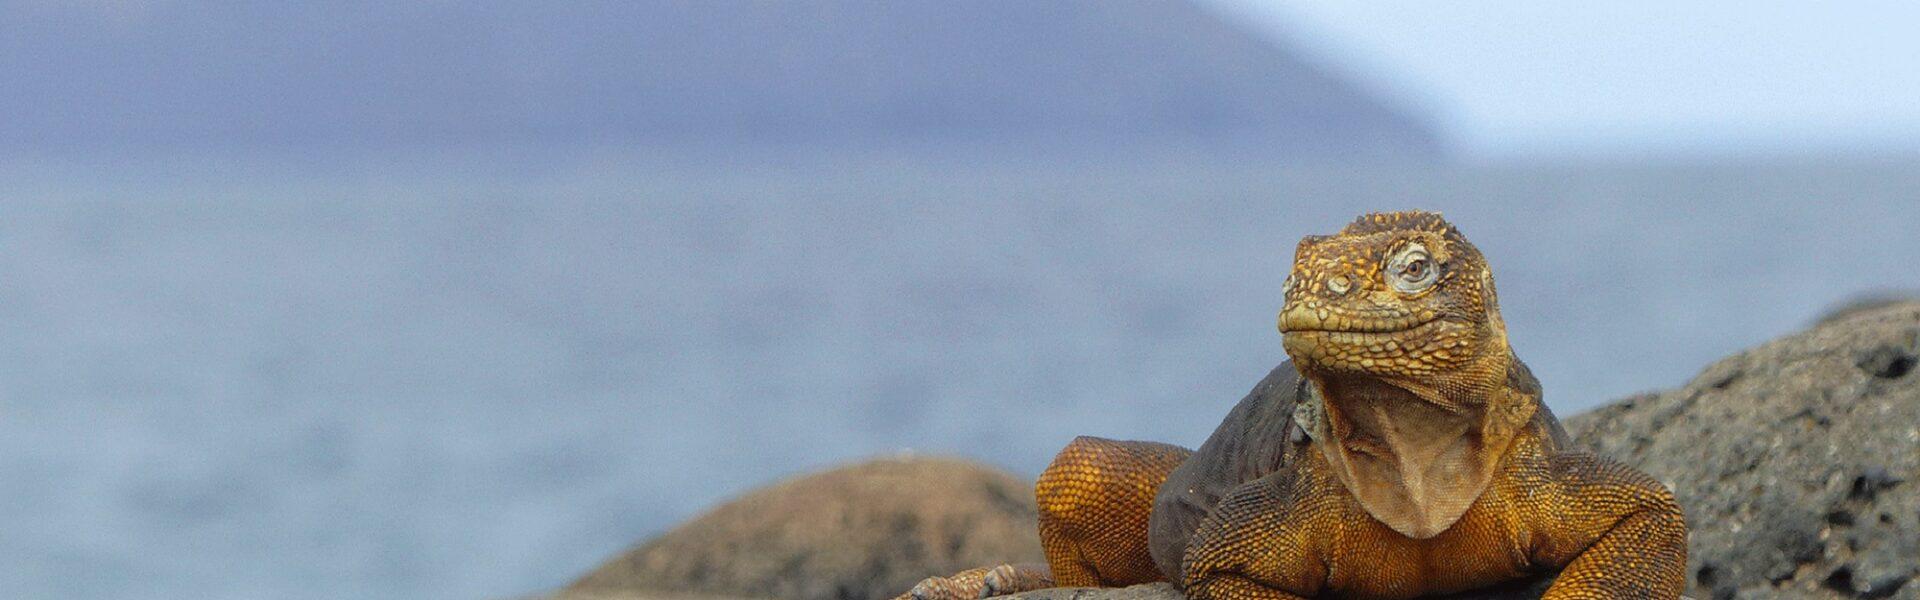 Exclusif - Séjour-évasion autour des îles Galápagos - 9J - Équateur 2021 - Iguane terrestre